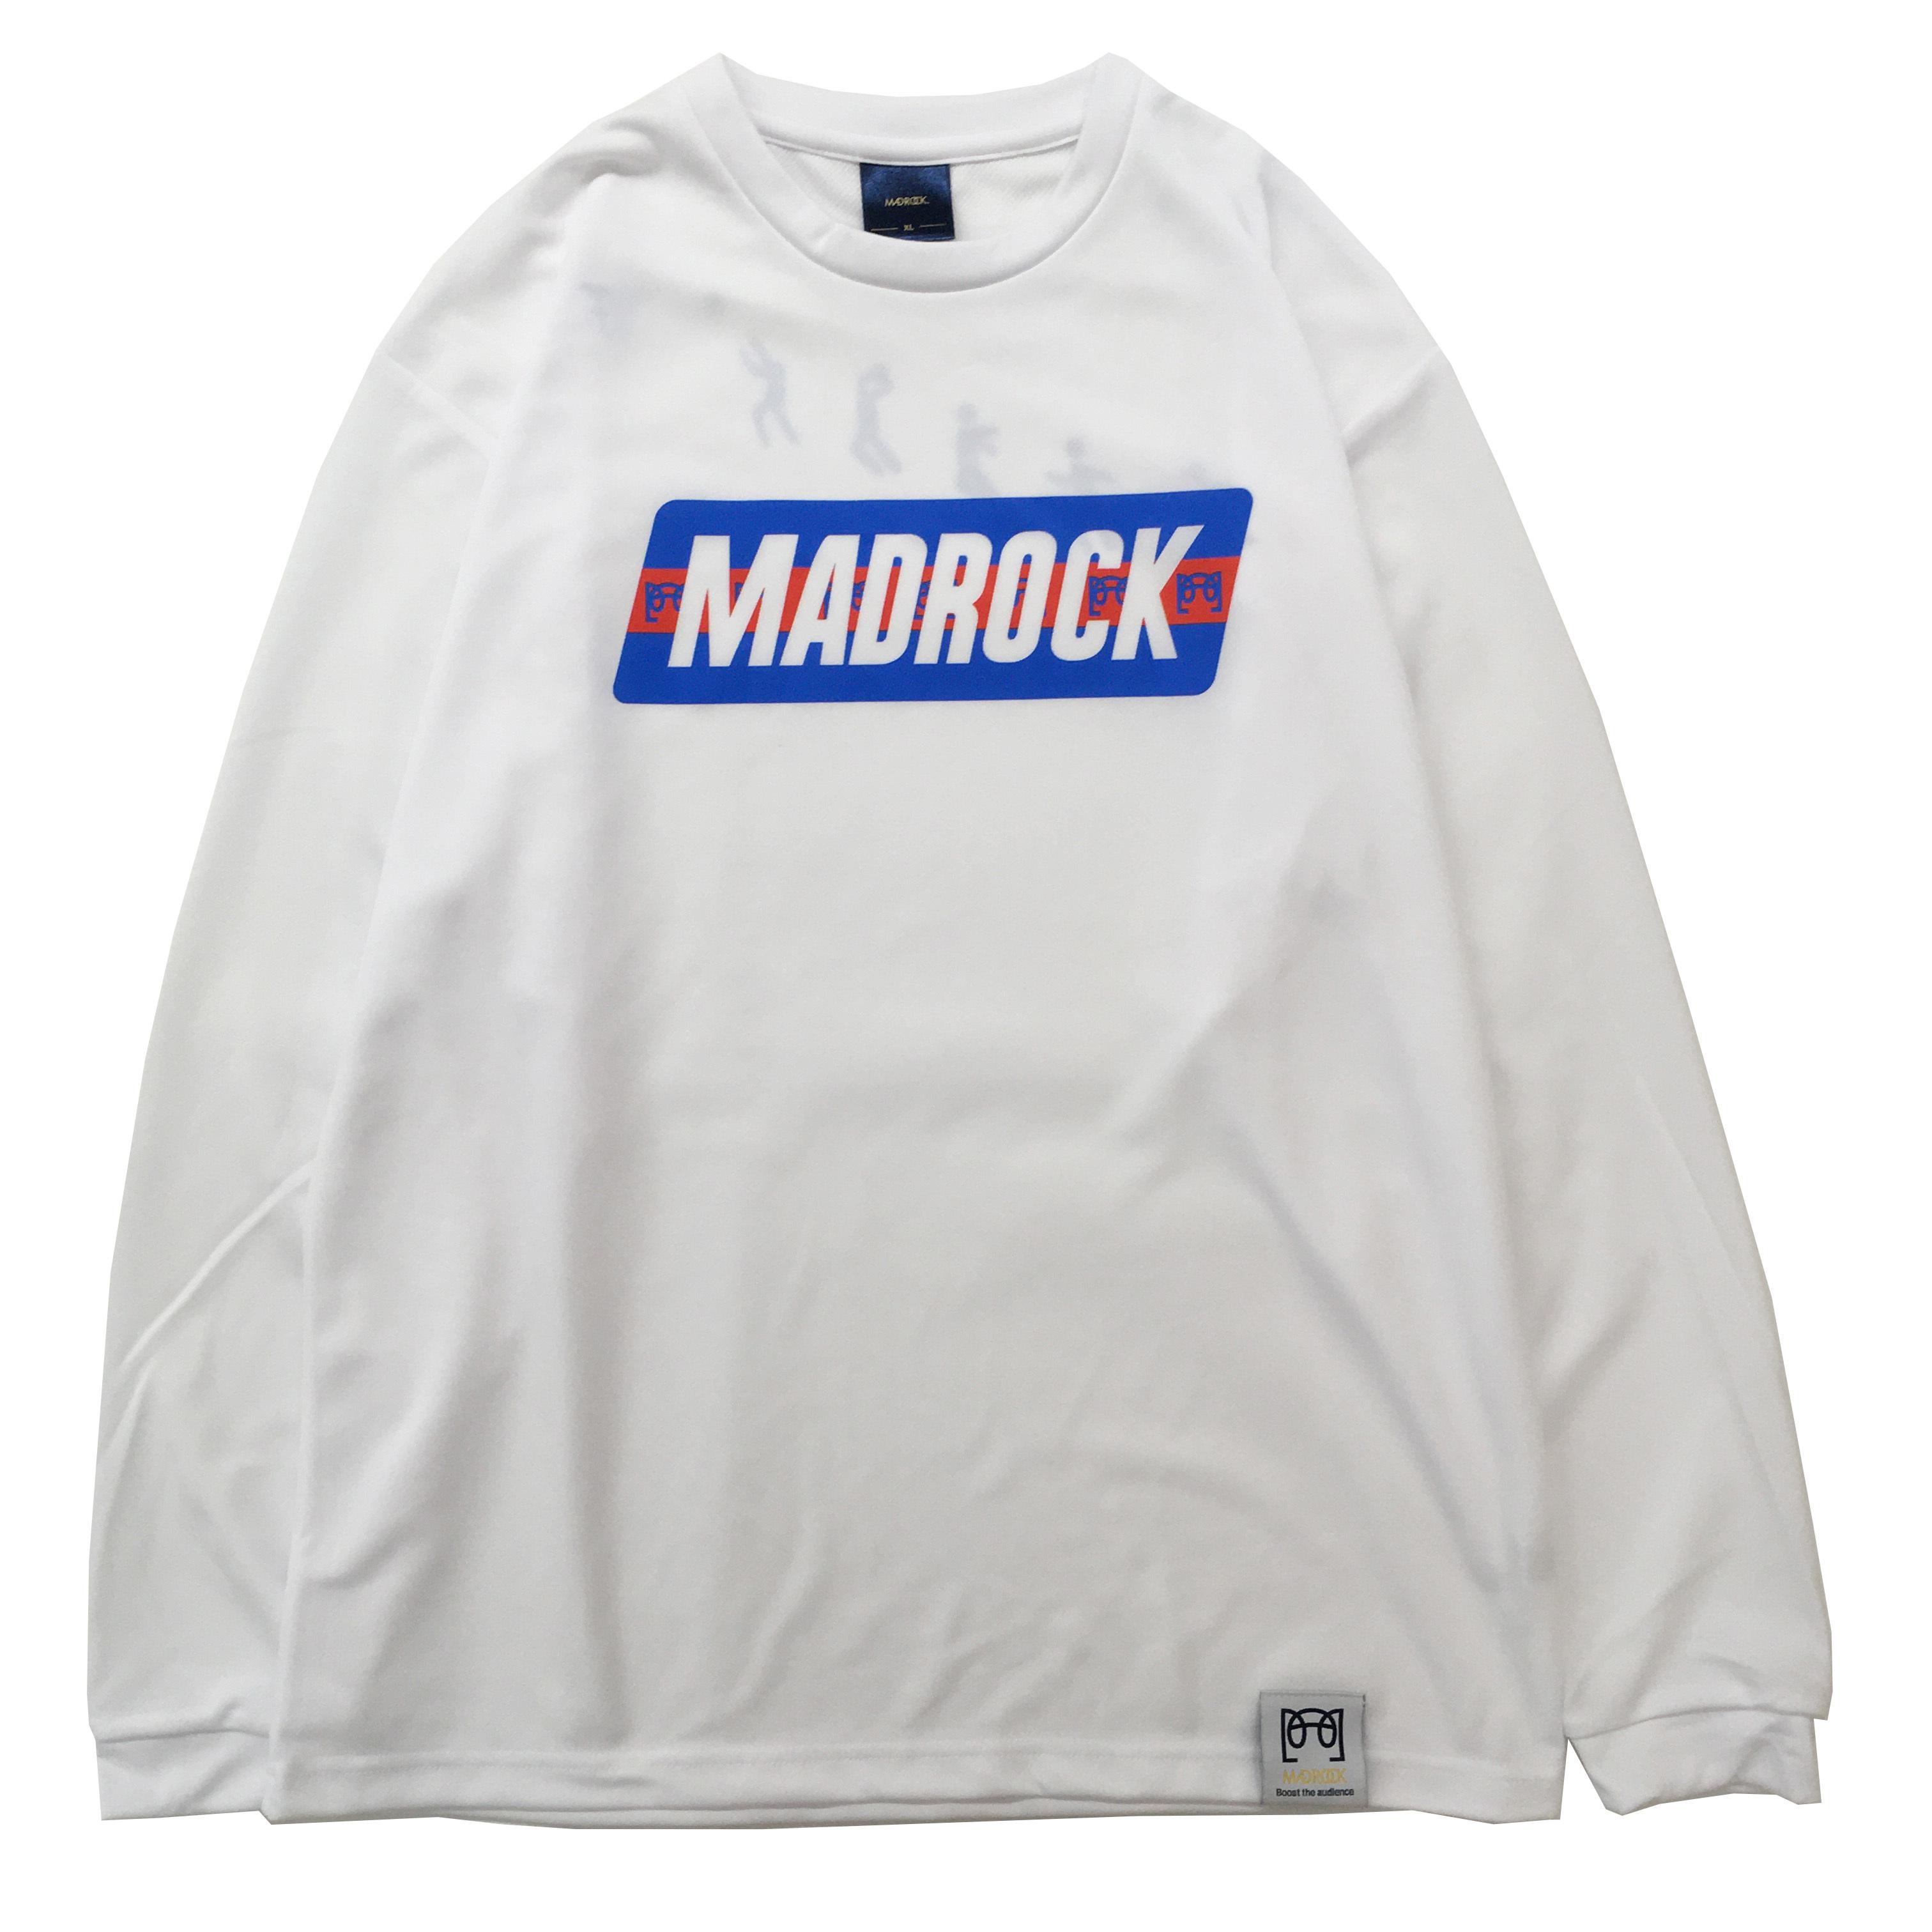 マッドロック - ブレインボール - ロンT / ドライタイプ / ホワイト / MADROCK  BrainBall  L/S TEE